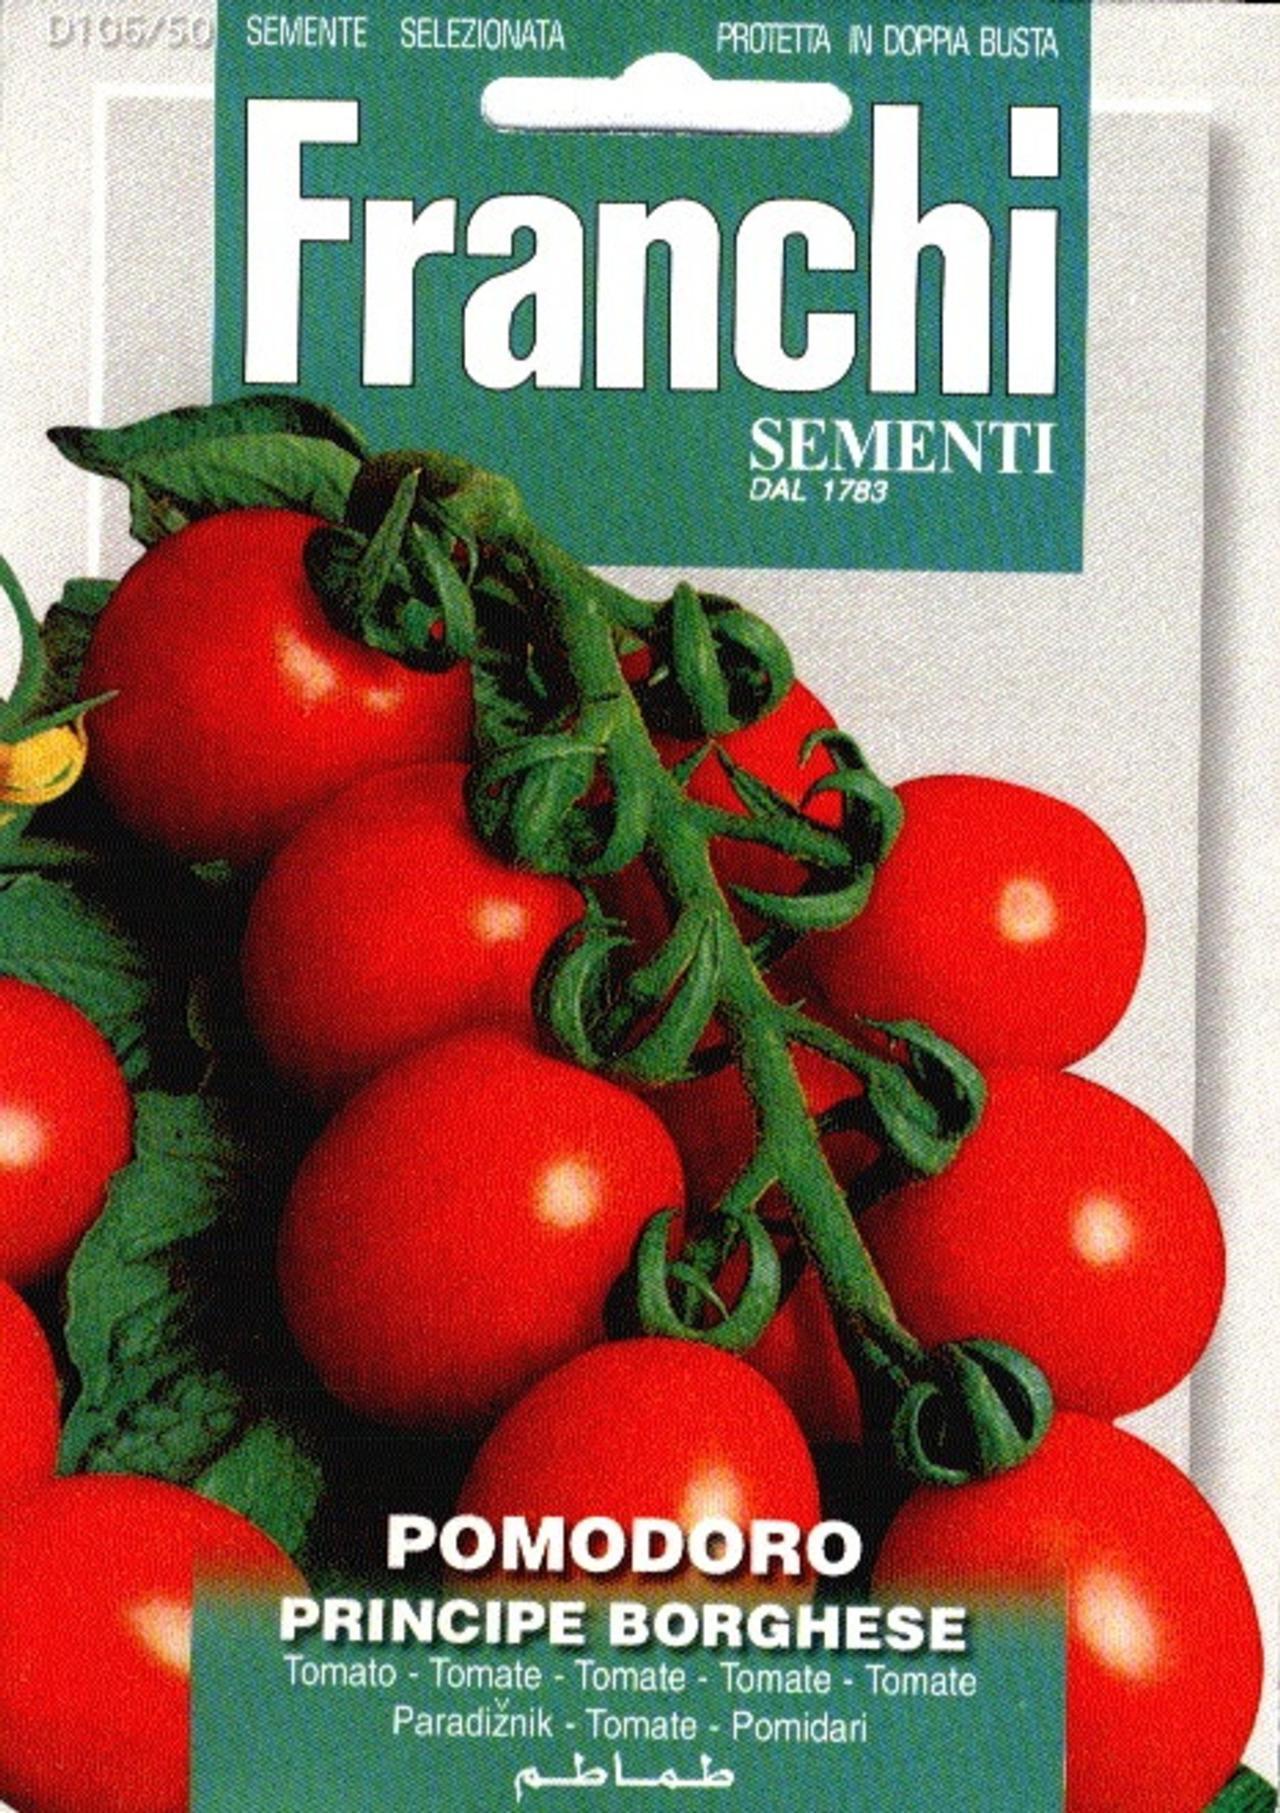 Solanum lycopersicum 'Principe Borghese' plant